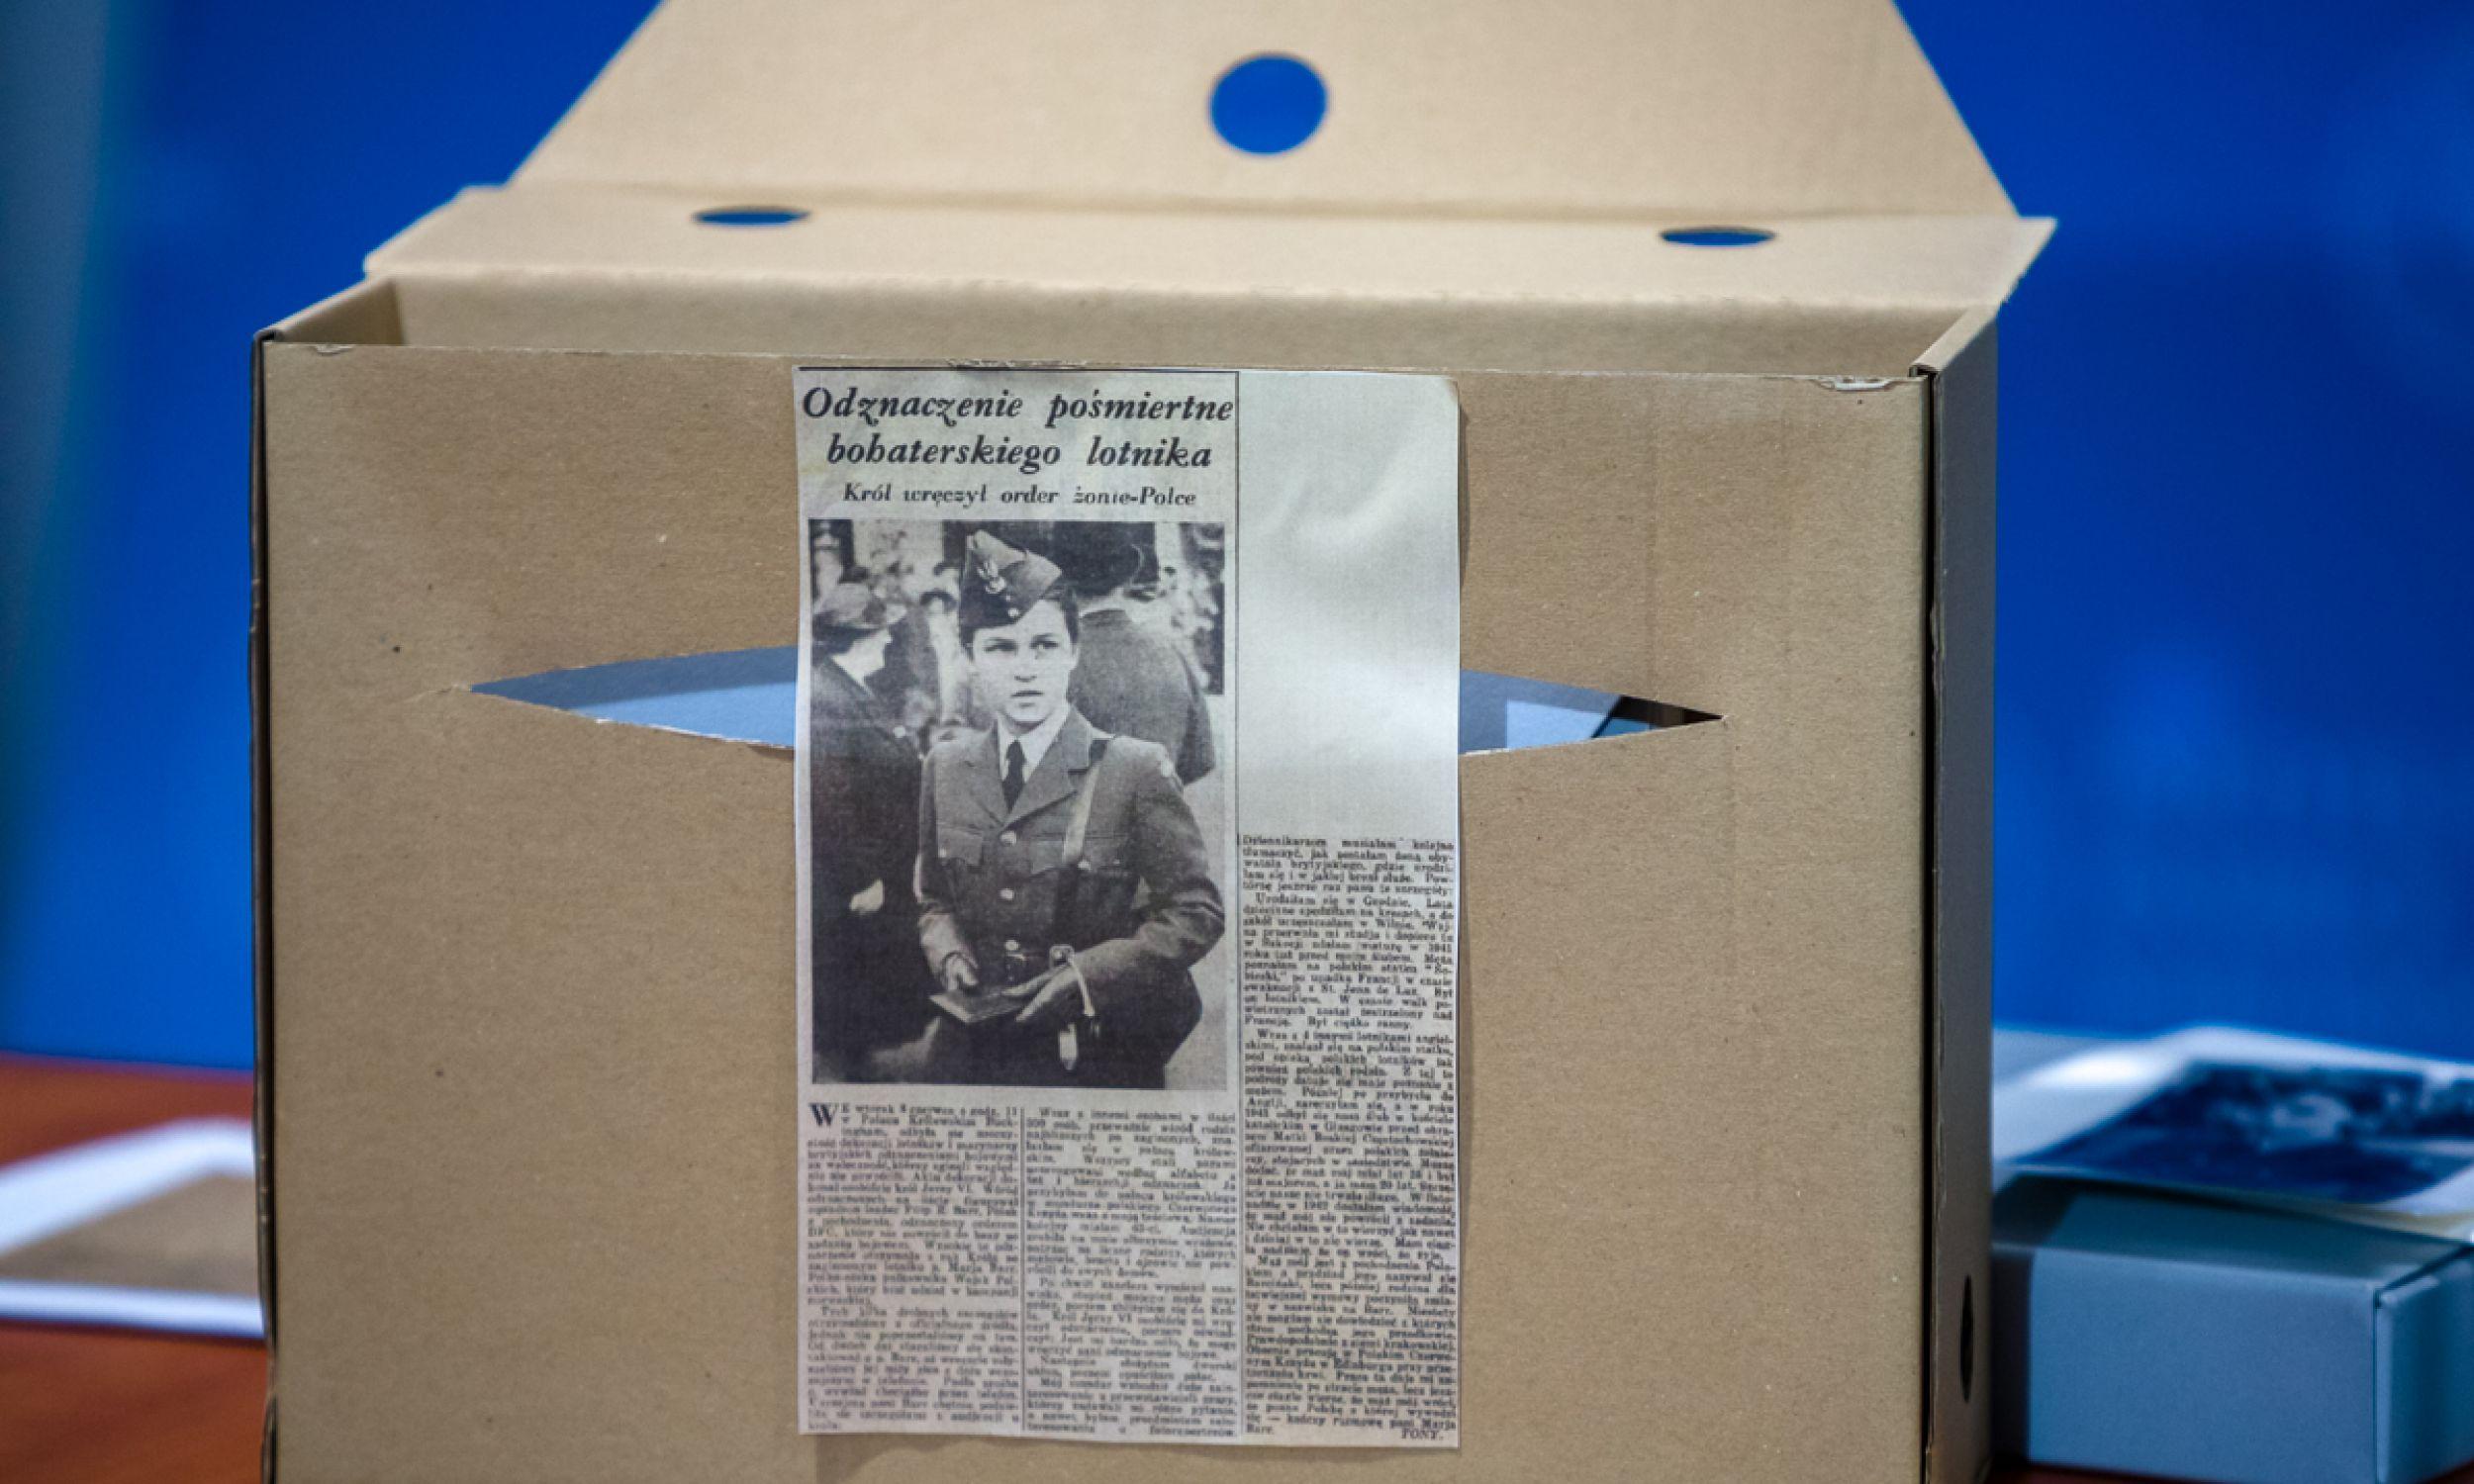 """Jak się okazało, zdjęcie Barr, choć w nieznacznie innej pozie, zamieścił 11 czerwca 1943 roku  """"Dziennik Polski"""" (nr wydania 896), opisując """"uroczystość w Pałacu Królewskim Buckingham dekoracji lotników i marynarzy brytyjskich odznaczeniami bojowemi za waleczność"""". Na zdjęciu fragment tekstu z gazety prezentowany podczas briefingu prezesa IPN dr. Jarosława Szarka poświęconego publikacji zdjęcia Marii Barr, 17 marca 2021. Fot. Sławek Kasper (IPN)"""